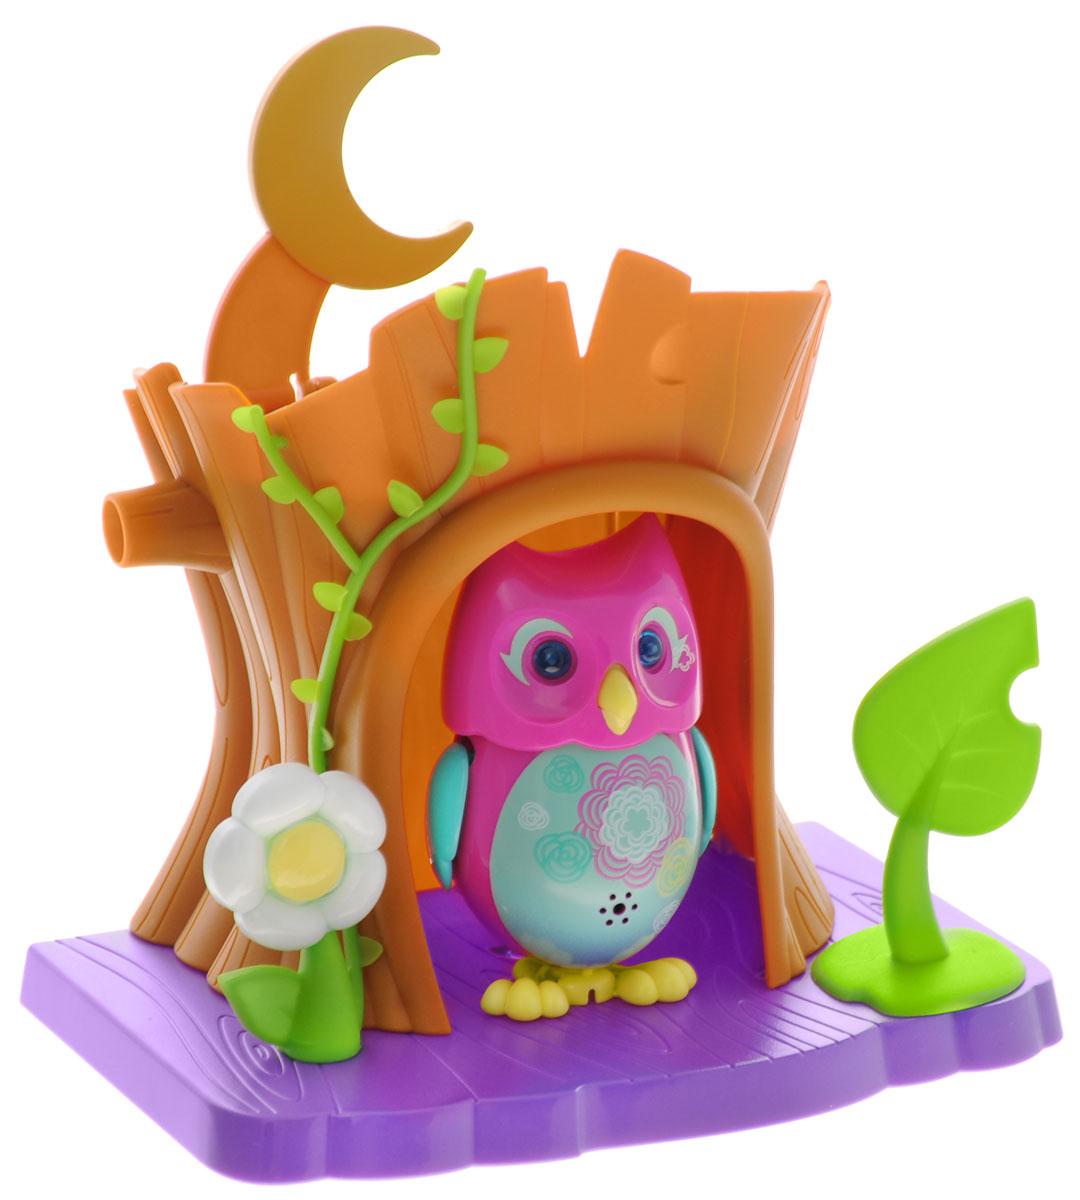 DigiOwls Интерактивный игровой набор Сова с домиком цвет розовый88359_розовыйИнтерактивный игровой набор DigiOwls Сова с домиком включает в себя интерактивную сову, домик и свисток. Сова умеет выполнять разные действия: издавать крики совы, петь песенки, при этом двигая клювом, поднимая и опуская крылышки и вращая головой. Глаза совы светятся и мерцают в такт песенке. Если подуть на грудку совы, она начнет издавать характерные для сов звуки. Если подуть в свисток, сова станет исполнять известную песенку. Игрушка воспроизводит свыше 55 песен и уханий. 2 режима работы игрушки: соло и хор. При переключении в режим хора можно последовательно подсоединять сов к главной, в результате они будут вместе исполнять песенки вслед за главной совой и общаться друг с другом. Сова сидит в своем уютном домике с грибочком и листочком. В комплект также входит свисток с удобным держателем для пальцев. Игрушка развивает музыкальный слух, любовь к музыке и животным. Для работы игрушки необходимы 3 батарейки напряжением 1,5V типа AG13/LR44...